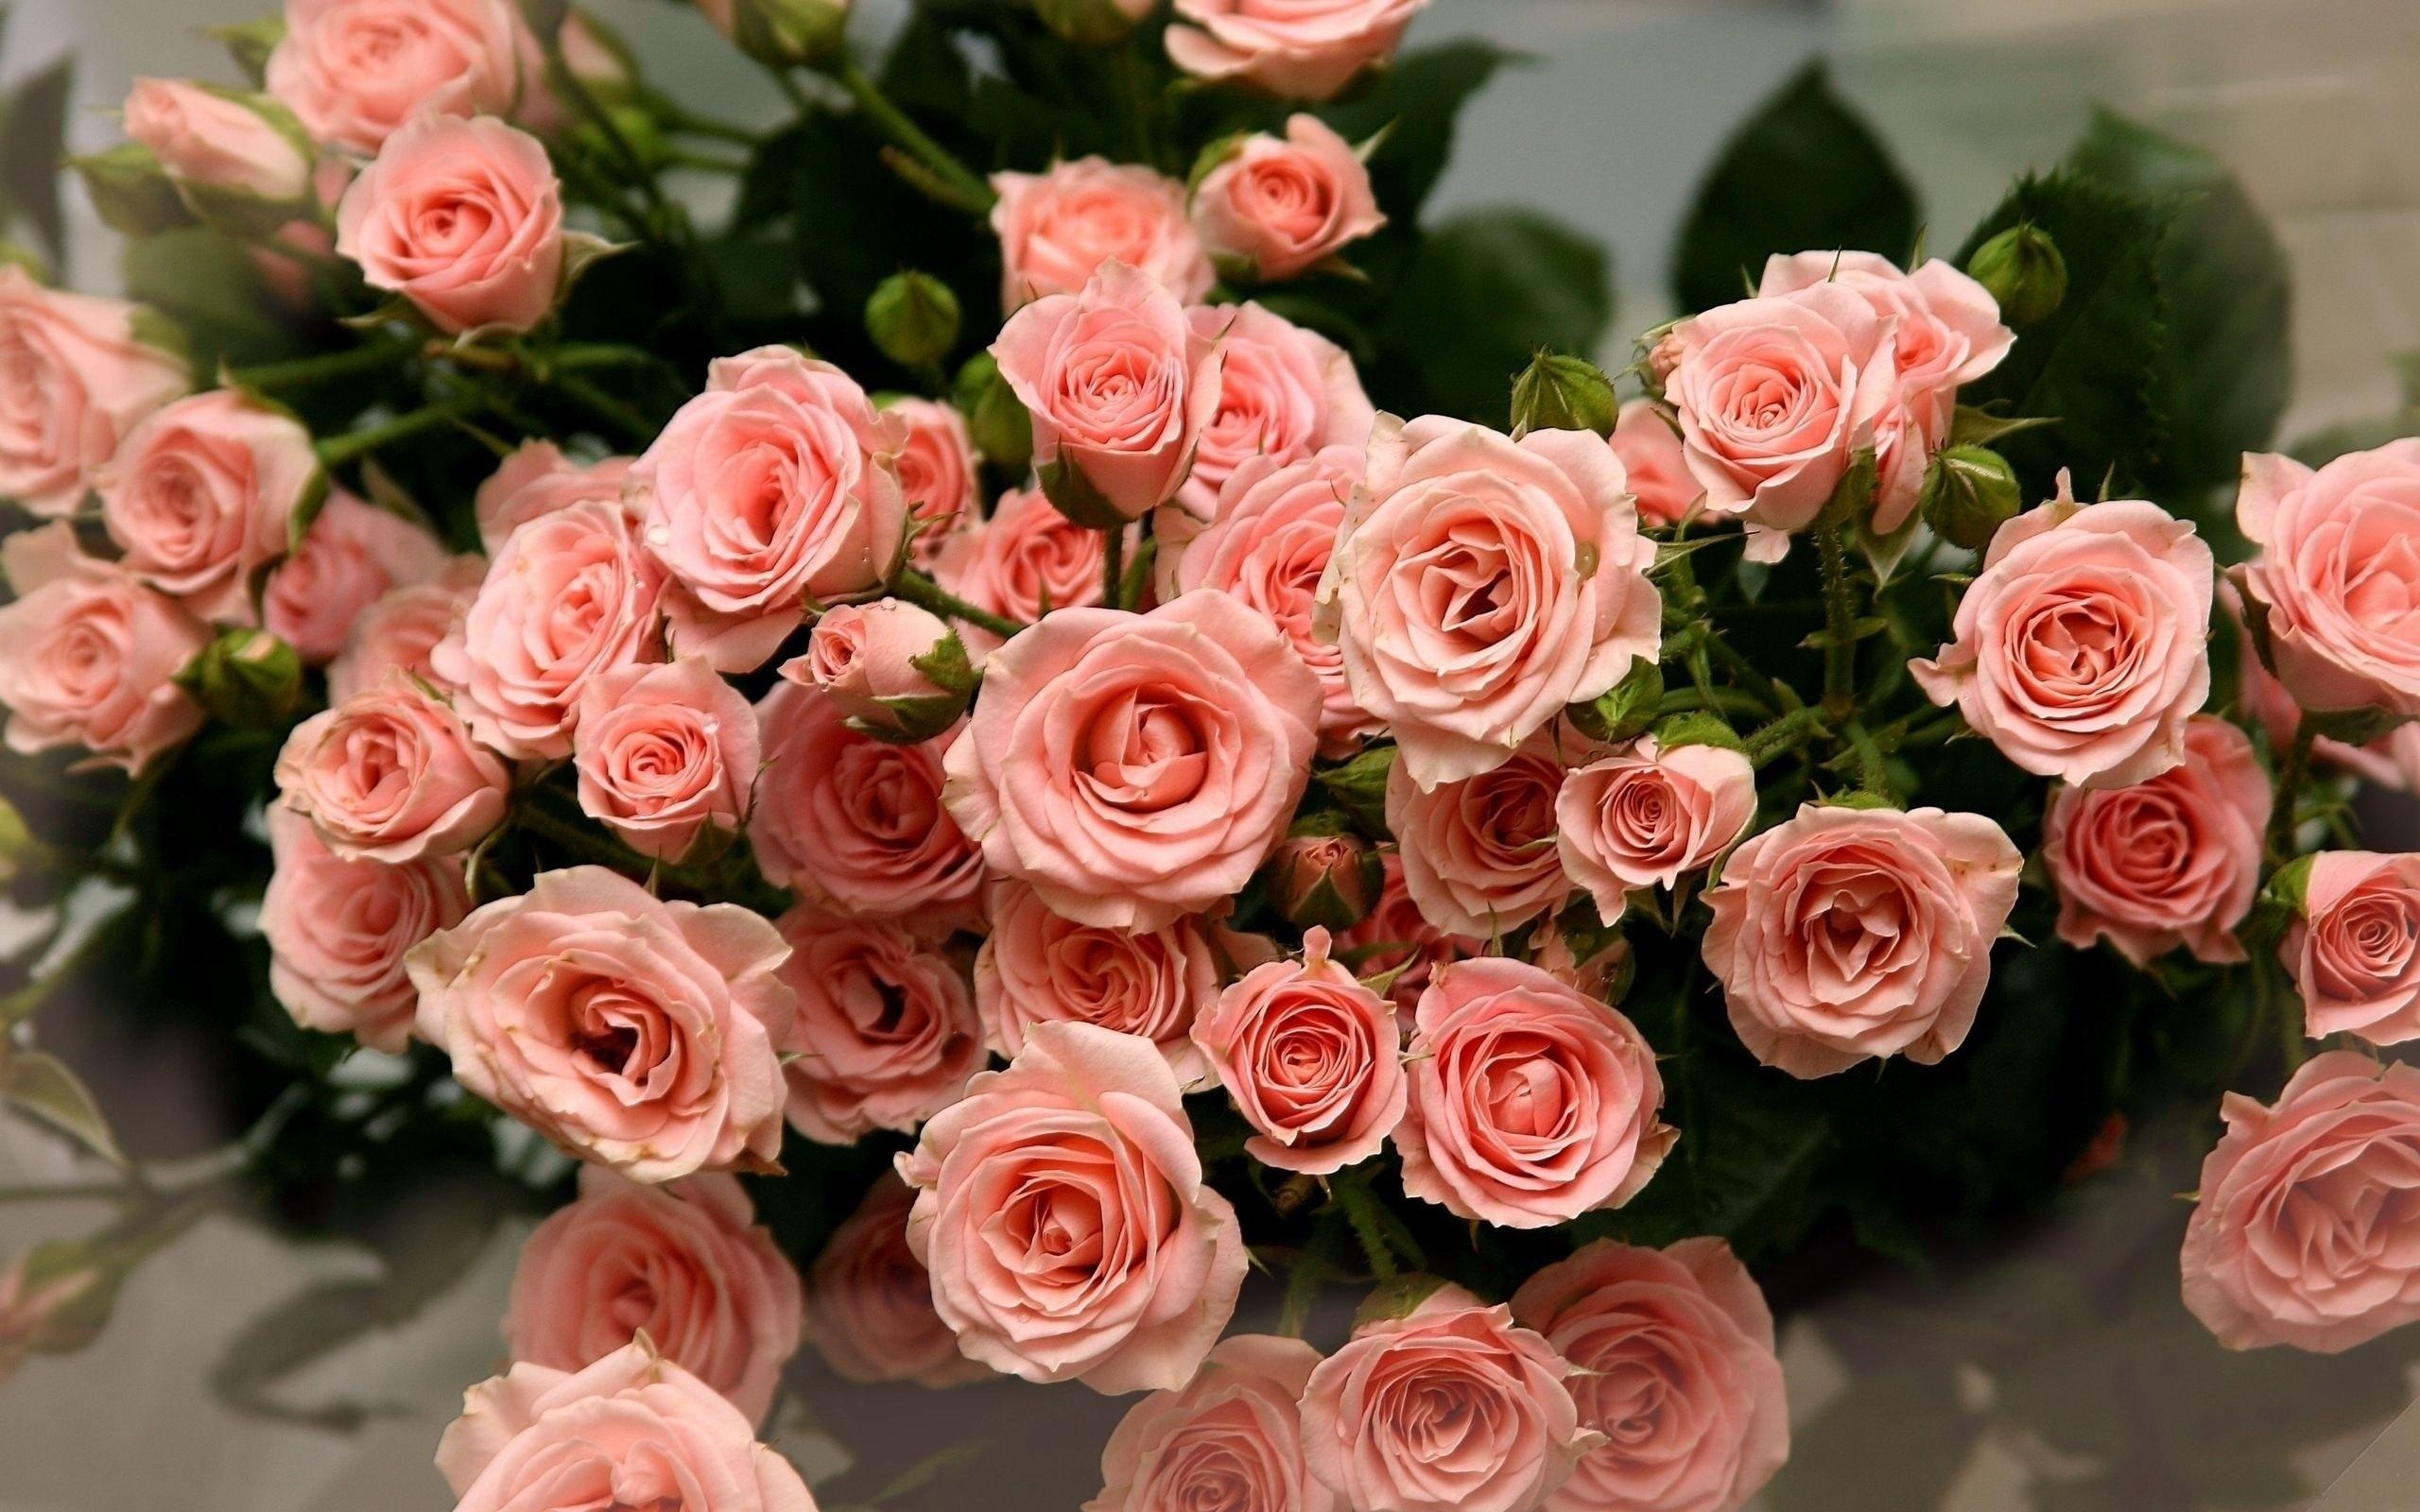 Смешные спалились, картинки с красивым букетом роз